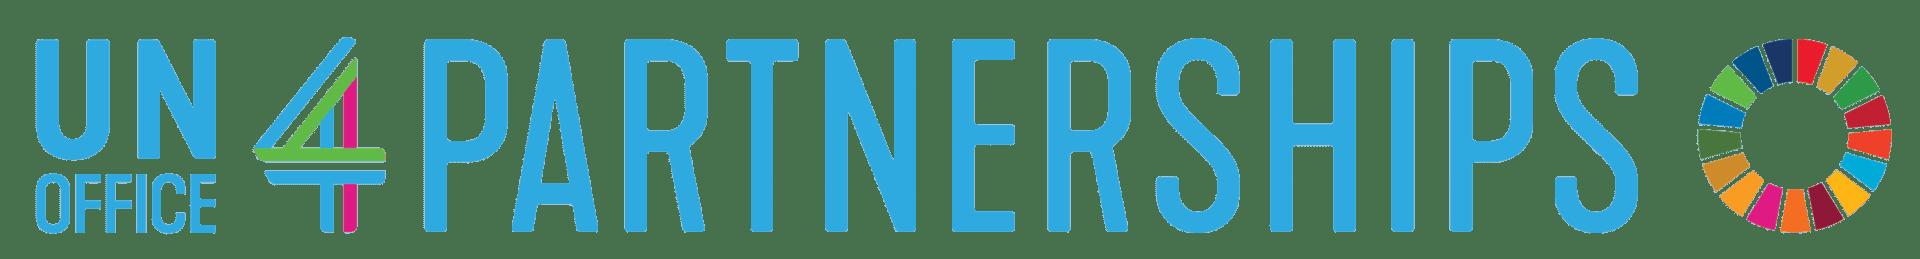 UN4 Partnership July2019_No emblem_Horizontal Full Color